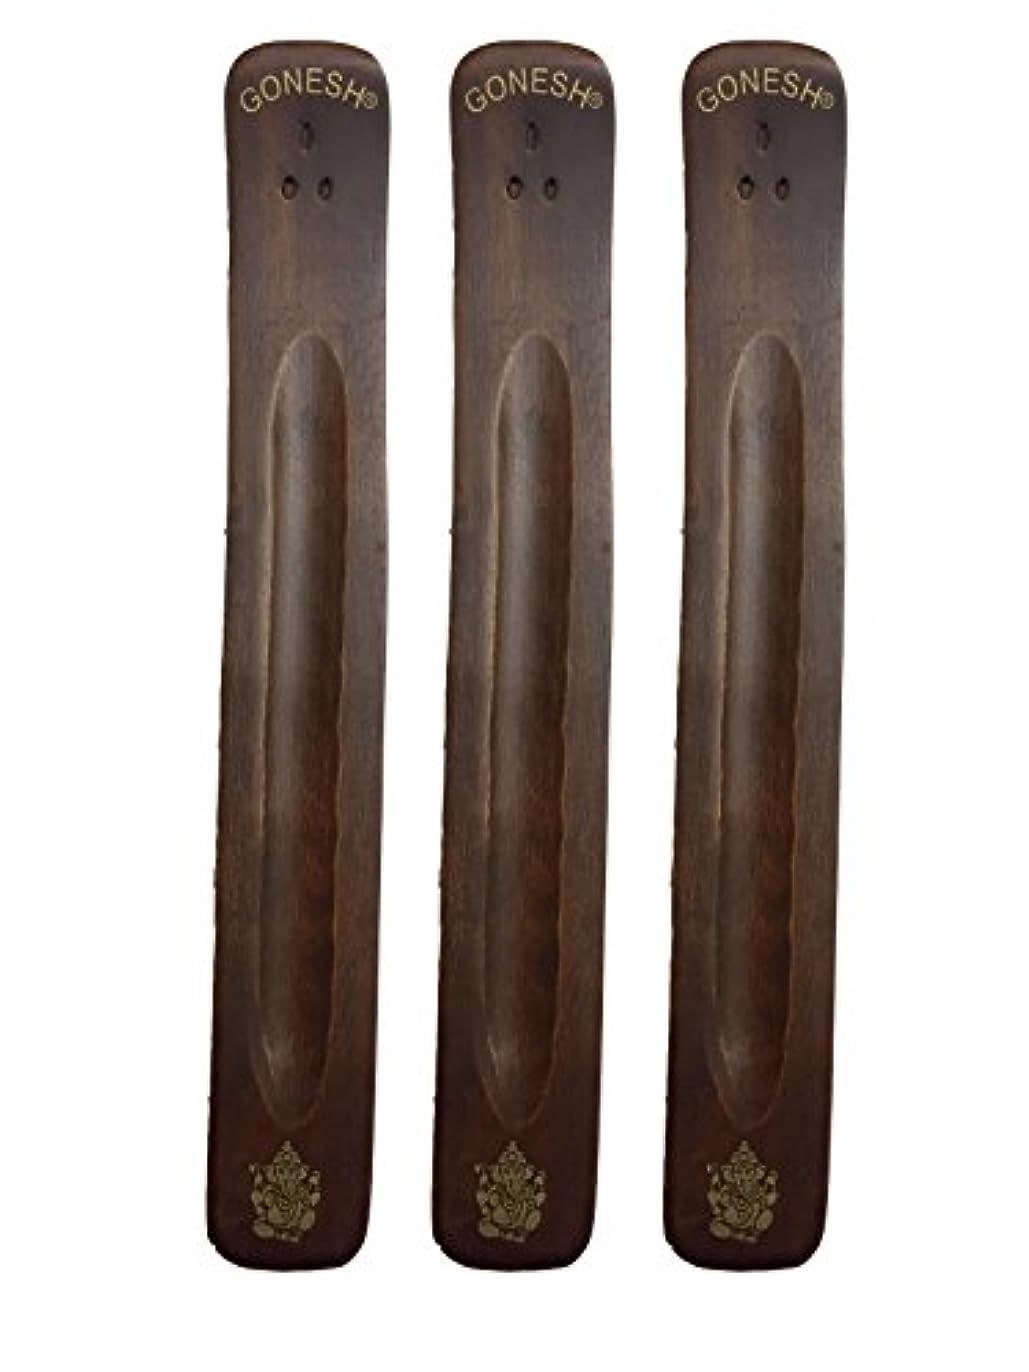 陽気な生活消す3パックGonesh Incense Burner ~ Traditional Incense Holder with Inlaidデザイン~約11インチ、のさまざまなデザイン